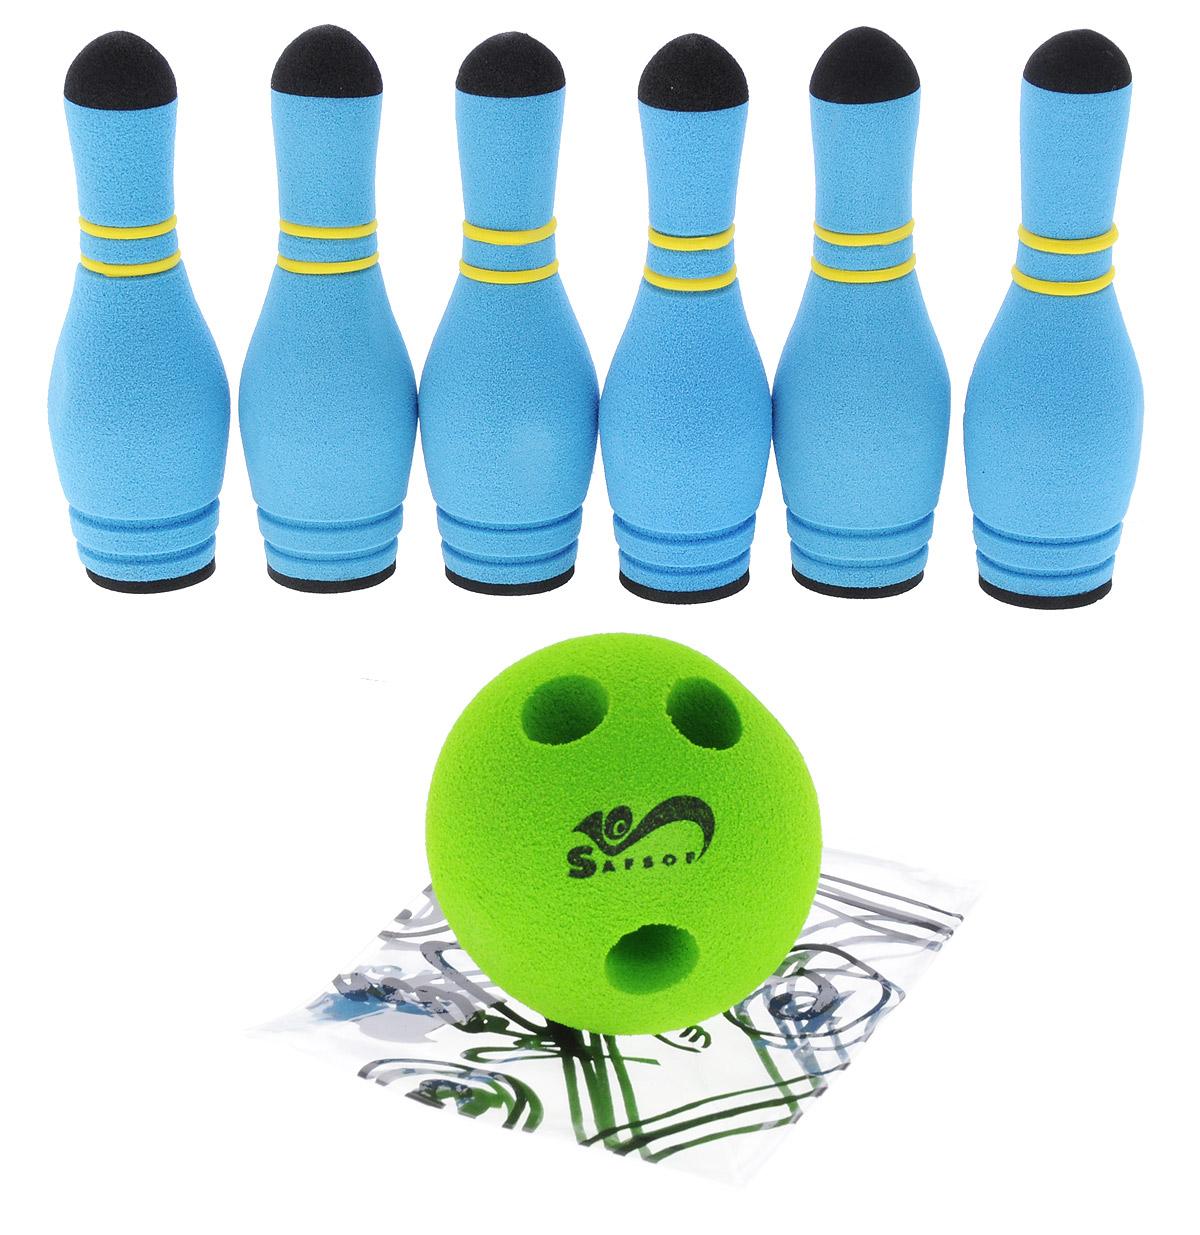 Safsof Игровой набор Мини-боулинг цвет голубой салатовыйMBB-05(B)_голубой, салатовыйИгровой набор Safsof Боулинг, изготовленный из вспененной резины, состоит из шести кеглей и шара. Он безопасен и мягок, это обеспечивает безопасность ребенку. Суть игры в боулинг - сбить шаром максимальное количество кеглей. Число игроков и количество туров - произвольное. Очки, набранные с каждым броском мяча, рассматриваются как количество сбитых кегель. Расстояние, с которого совершается бросок, определяется игроками. Каждый игрок имеет право на два броска в одной рамке (рамка - треугольник, на поле которого выстраиваются кегли перед каждым первым броском очередного игрока). Бросок, при котором все кегли сбиты, называется страйк и обозначается как Х. Если все кегли сбиты первым броском, второй бросок не требуется: рамка считается закрытой. Призовые очки за страйк - это сумма кеглей, сбитых игроком следующими двумя бросками. Выигрывает тот игрок, который в сумме набирает больше очков. Набор поставляется в удобном пластиковом рюкзаке.